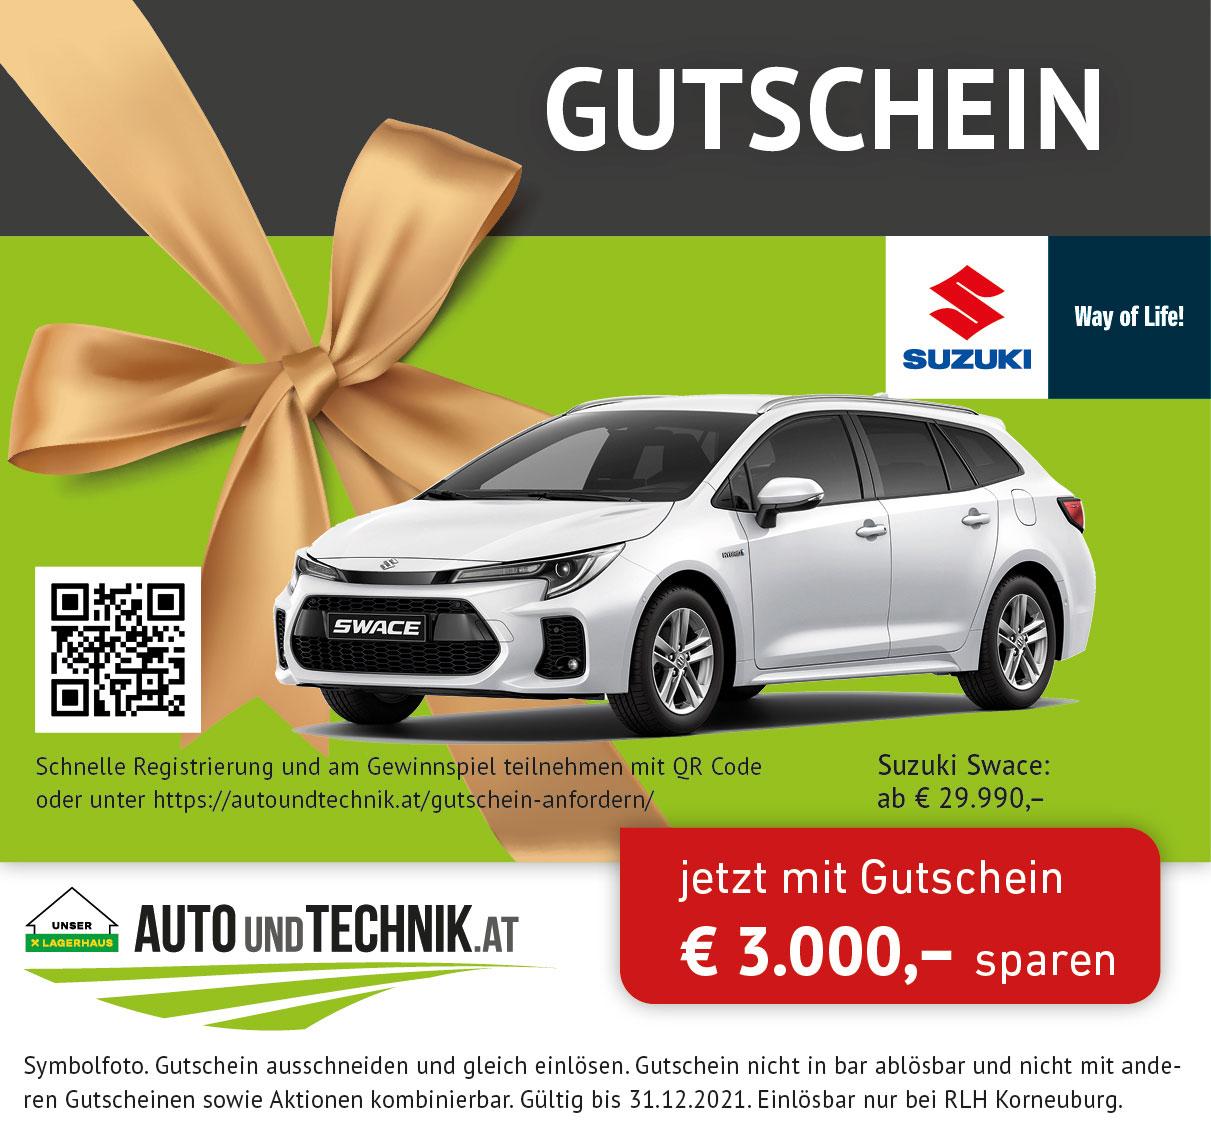 Gutschein-Suzuki-Swace-image-01